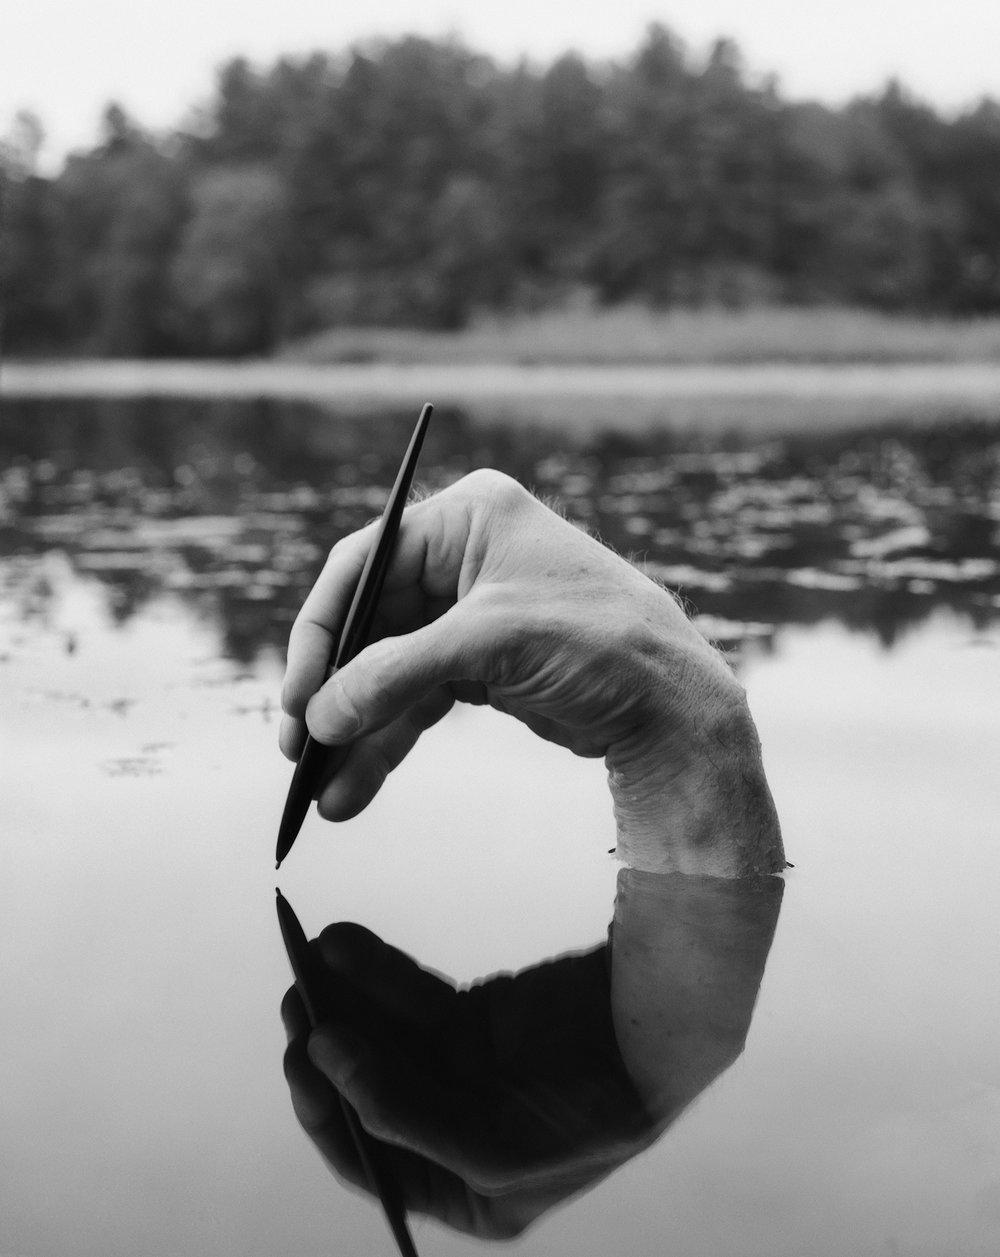 Arno Rafael Minkkinen - Fosters Pond [pen]